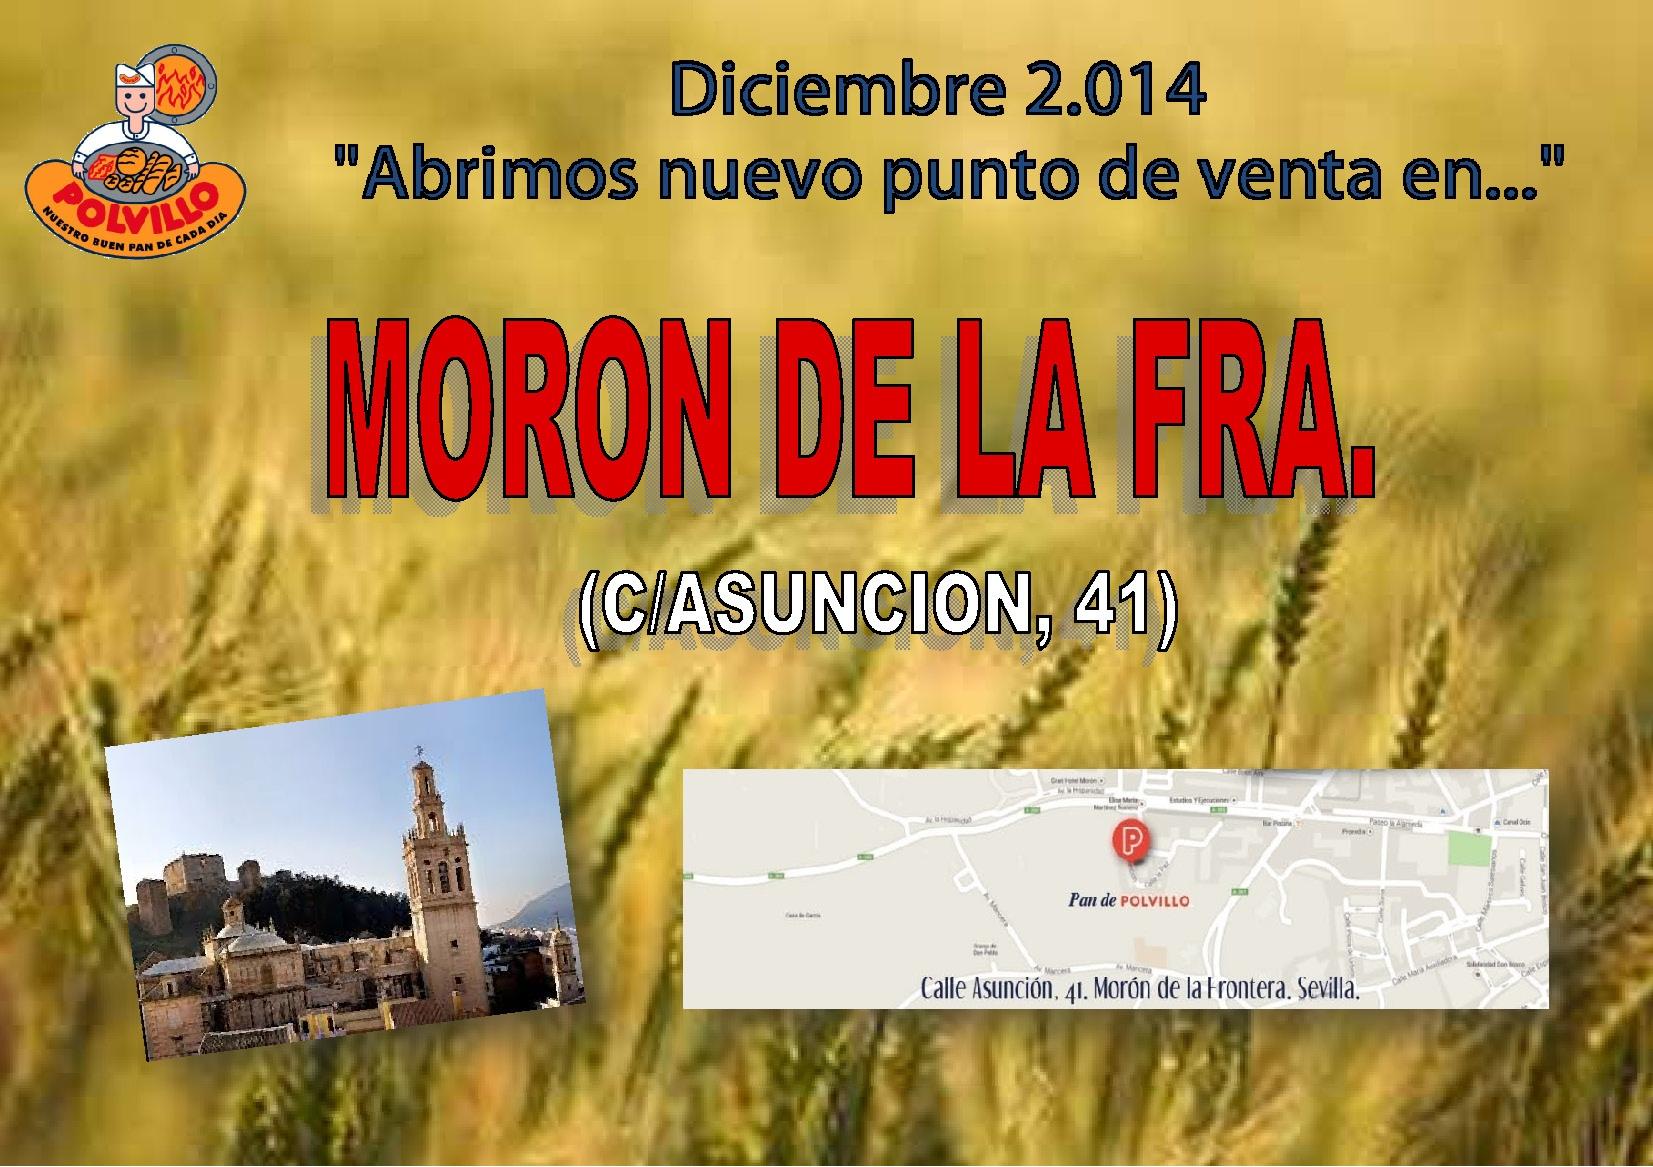 Apertura Moron de la frontera, Calle Asuncion, 41